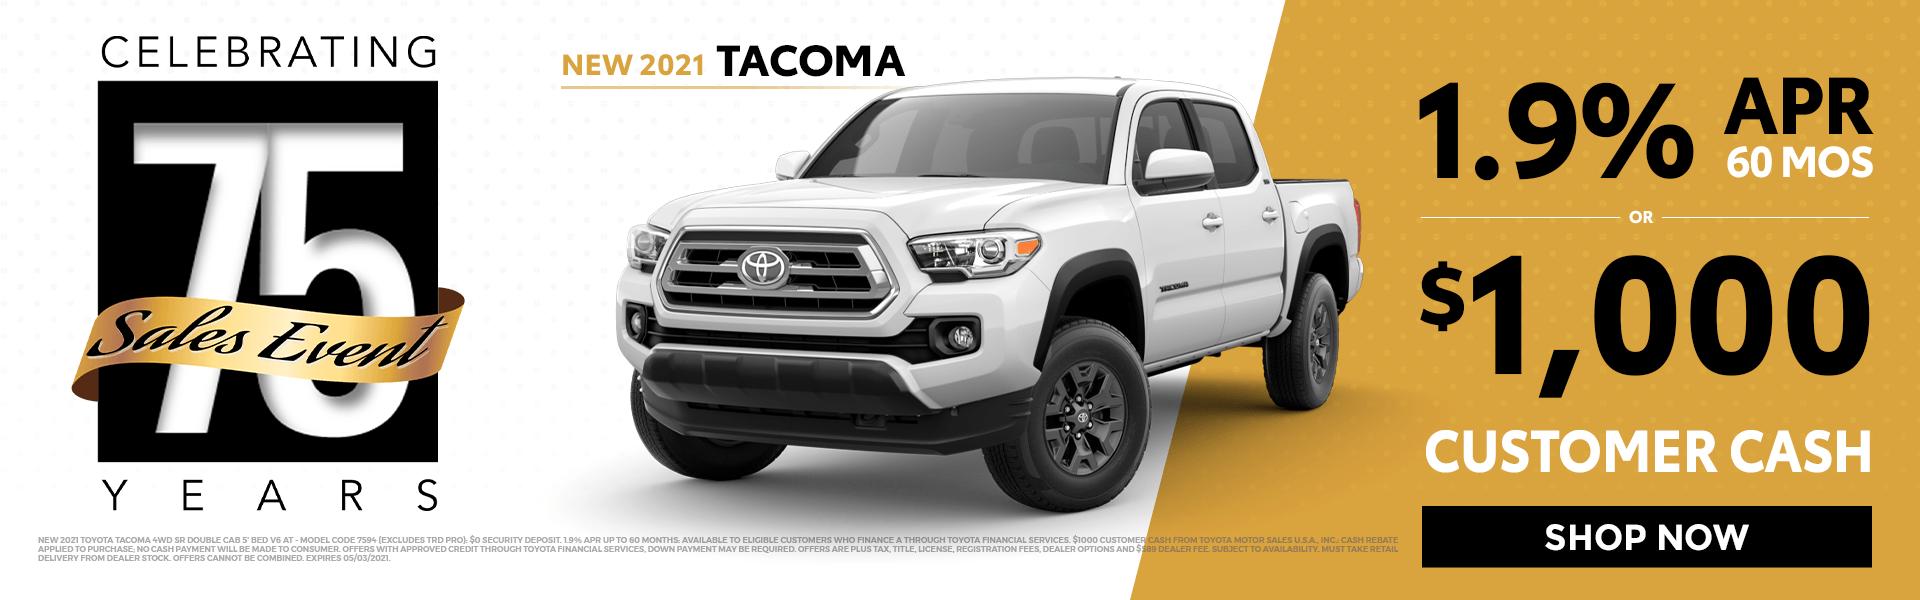 2021 Tacoma